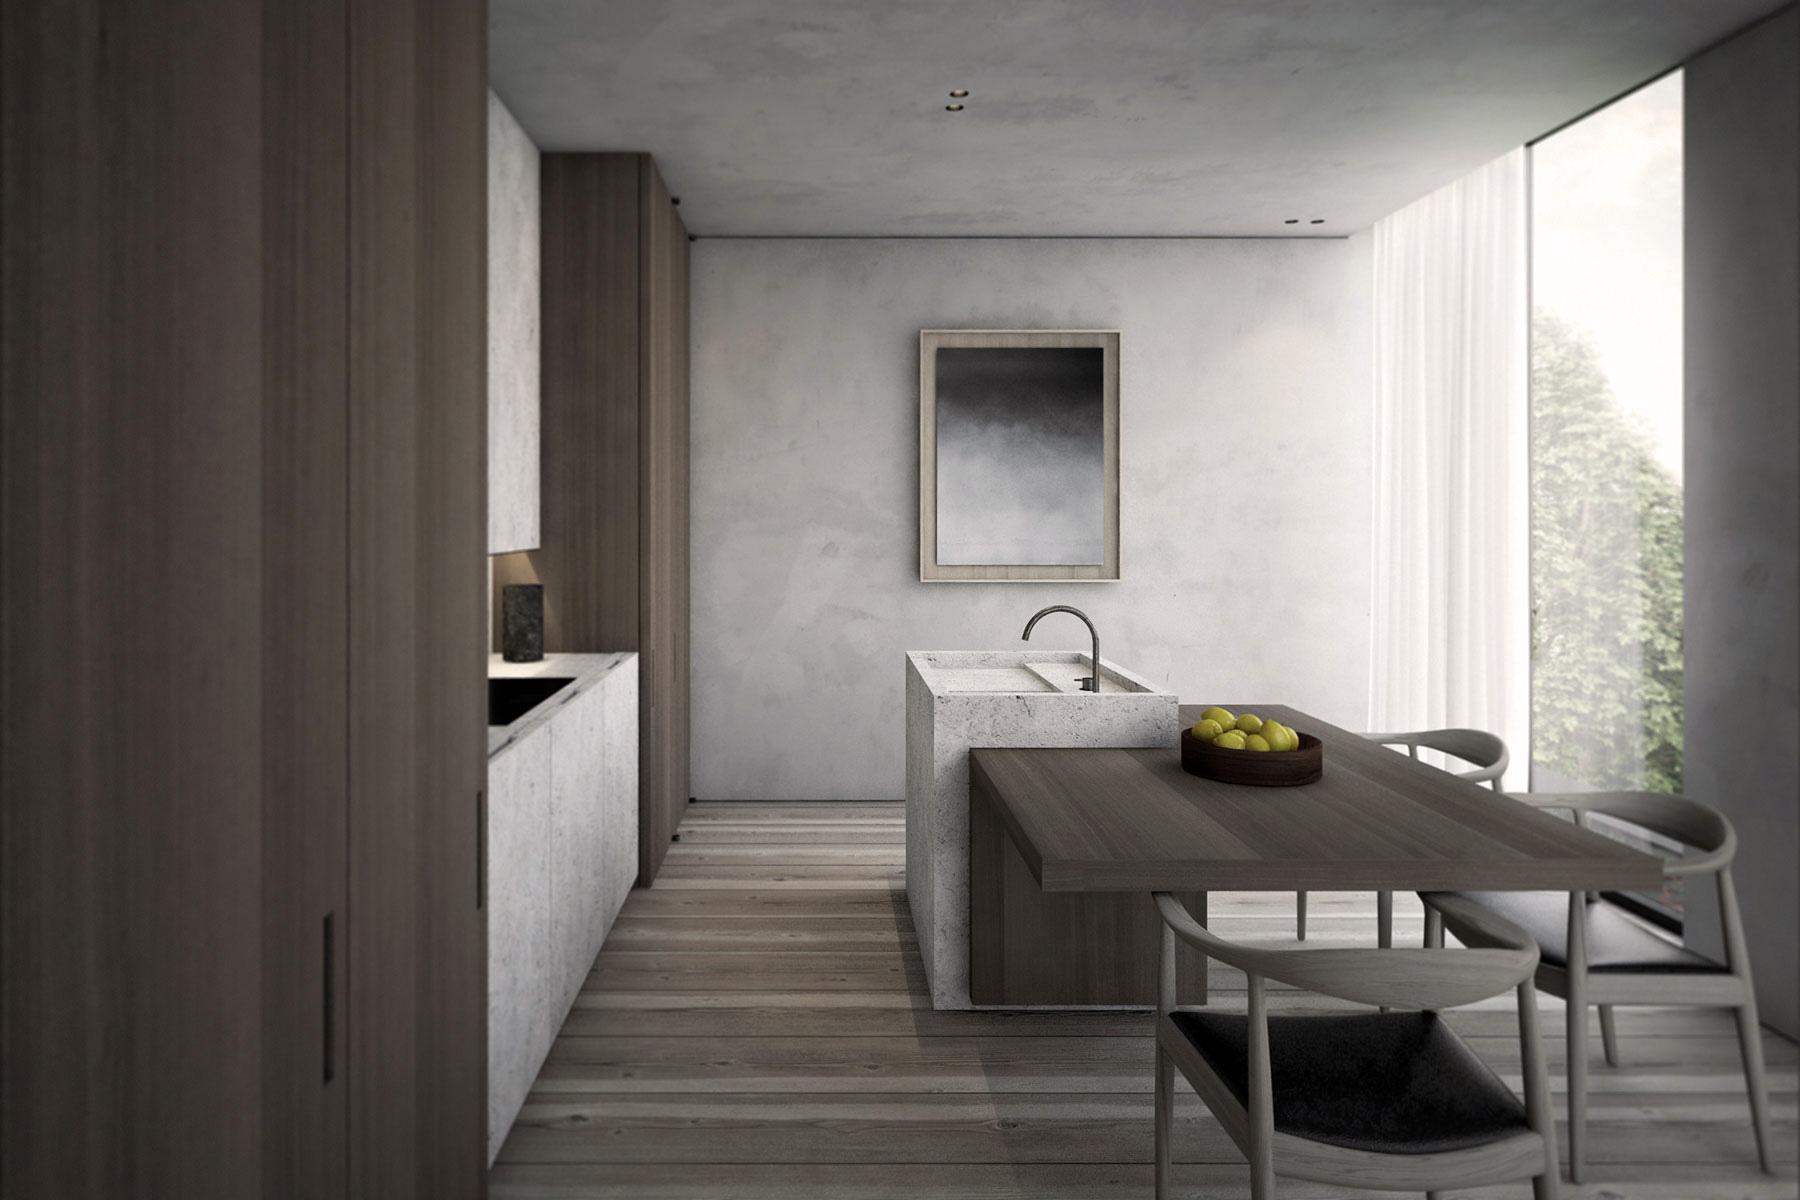 KERSTENS_ALB-Penthouse-(13).jpg